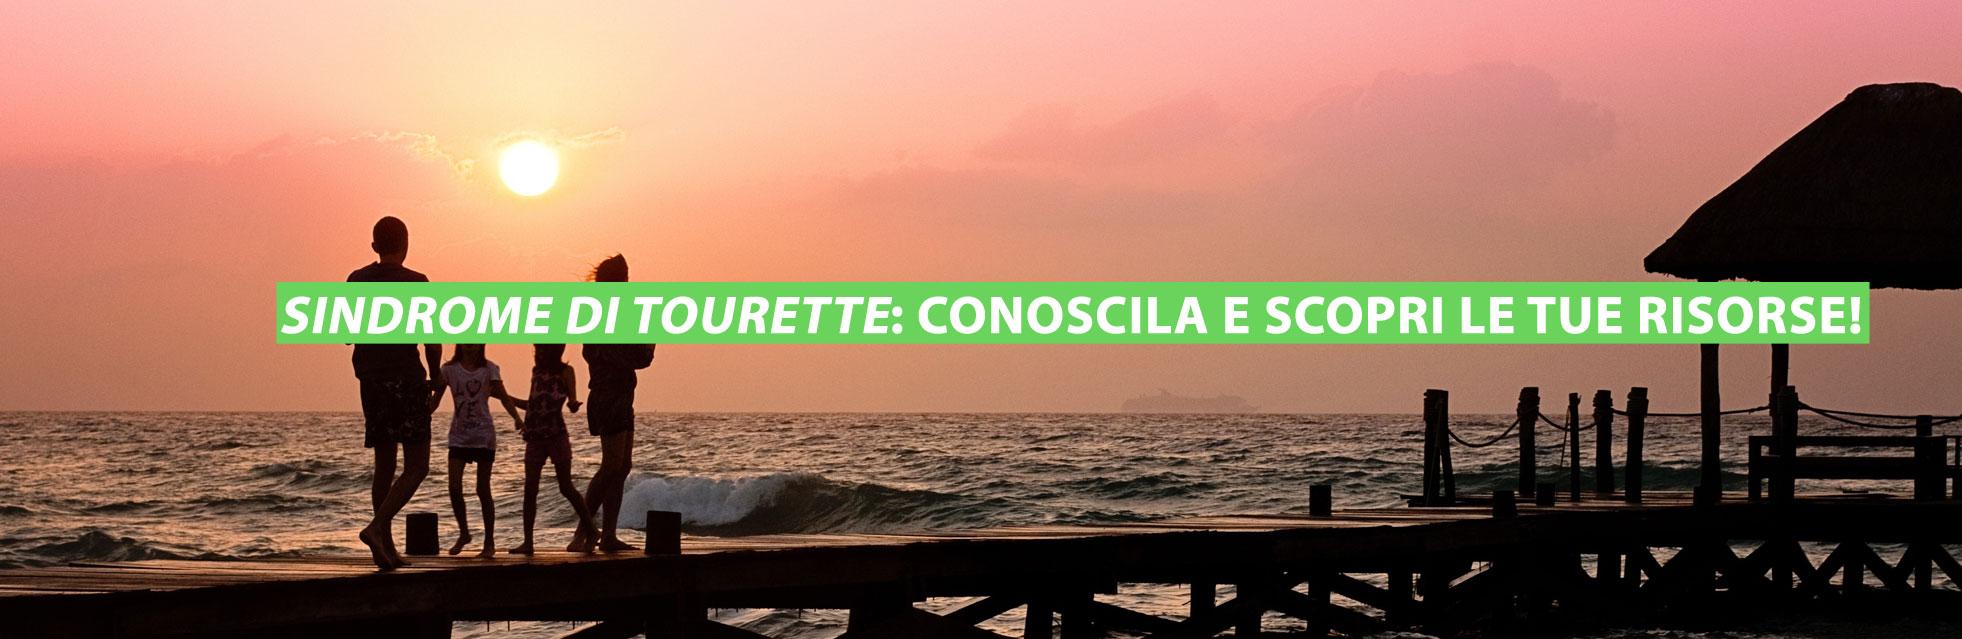 vivere-sereni-e-felici-sindrome-di-tourette-mental-coaching